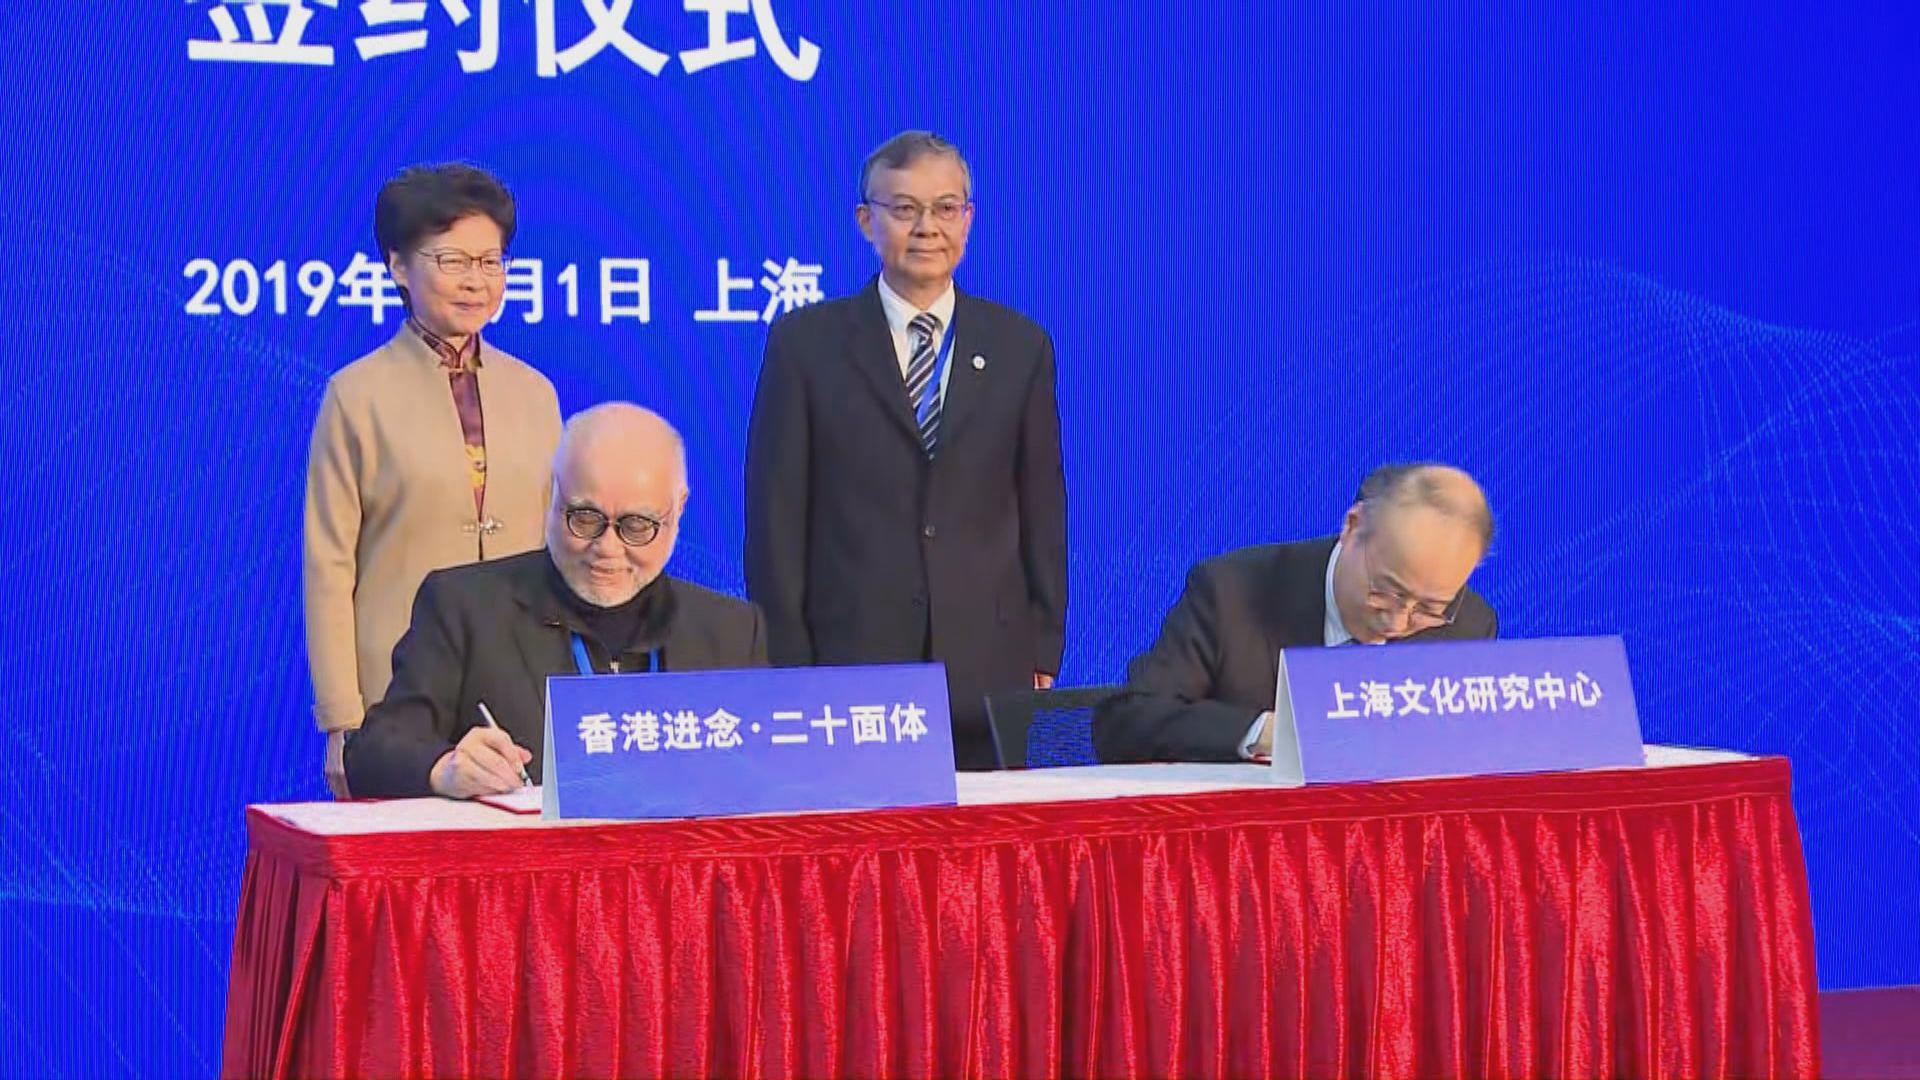 林鄭月娥與上海文化研究中心簽署備忘錄